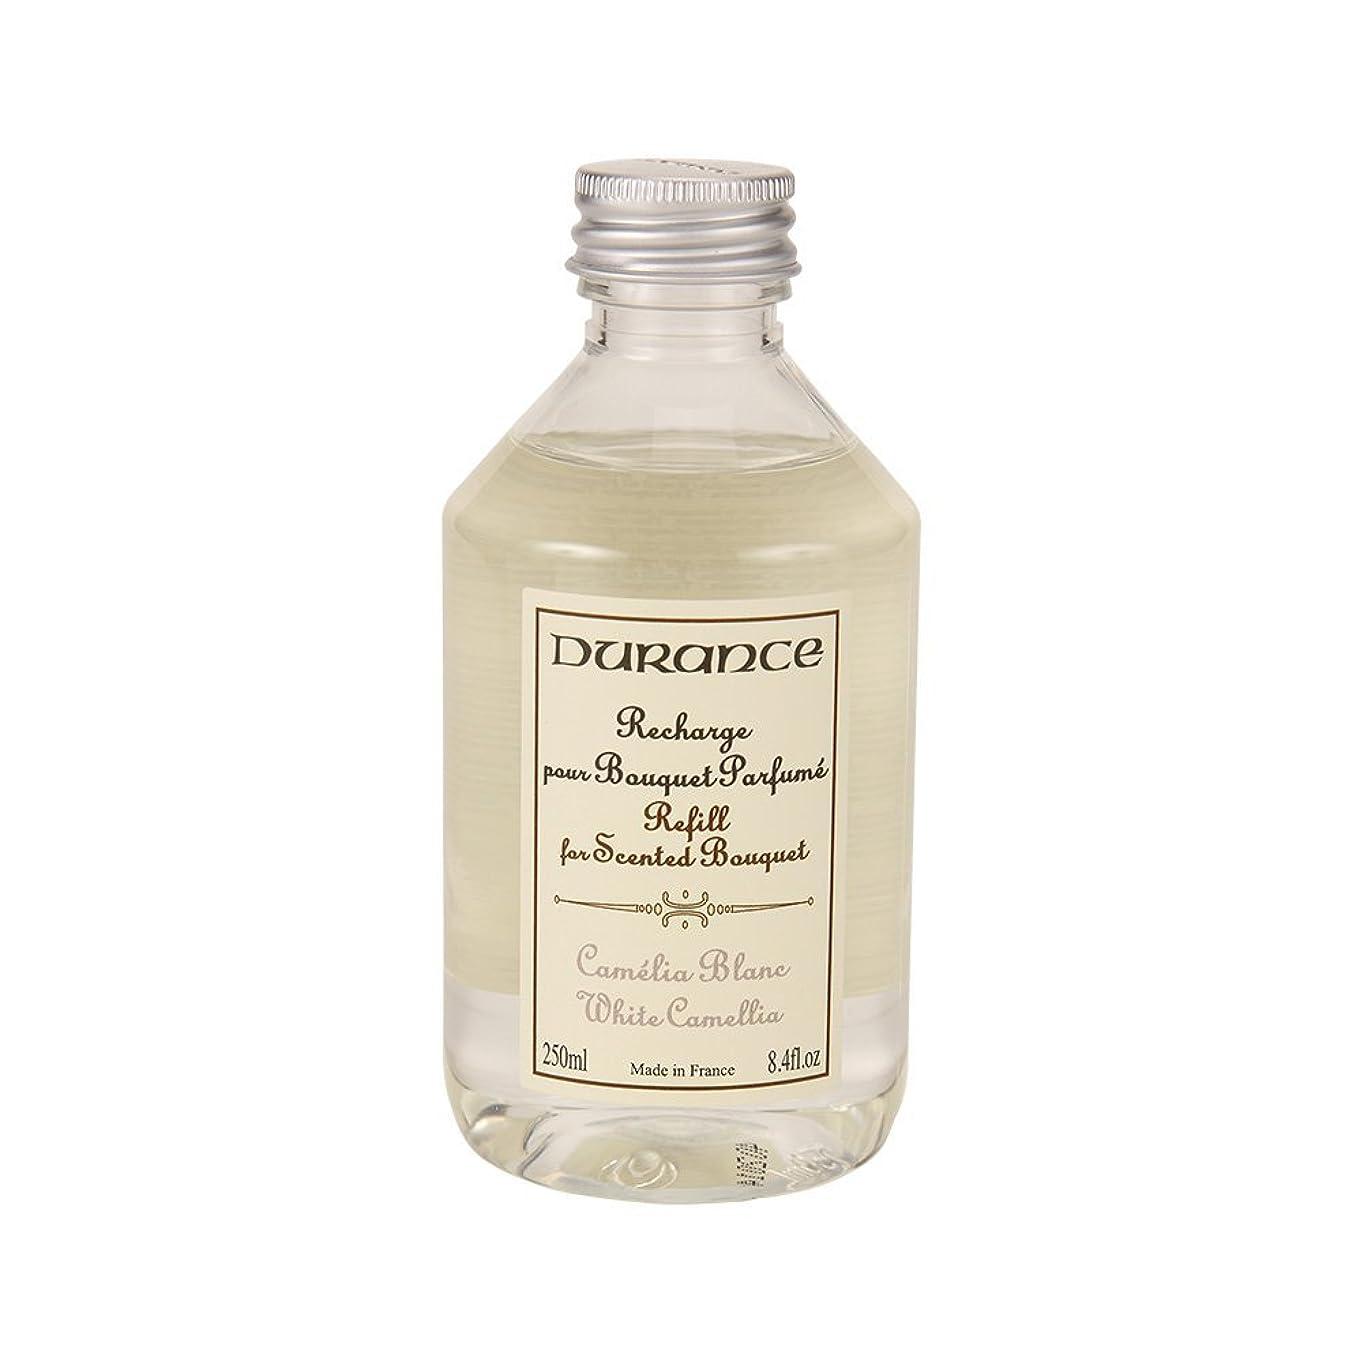 る悪性のダムDurance [ デュランス ] Refill for scented bouquet リフィルオイルWhite Camellia ホワイト カメリア 45513 アロマオイル 防ダニ フレグランス ブーケ [並行輸入品]